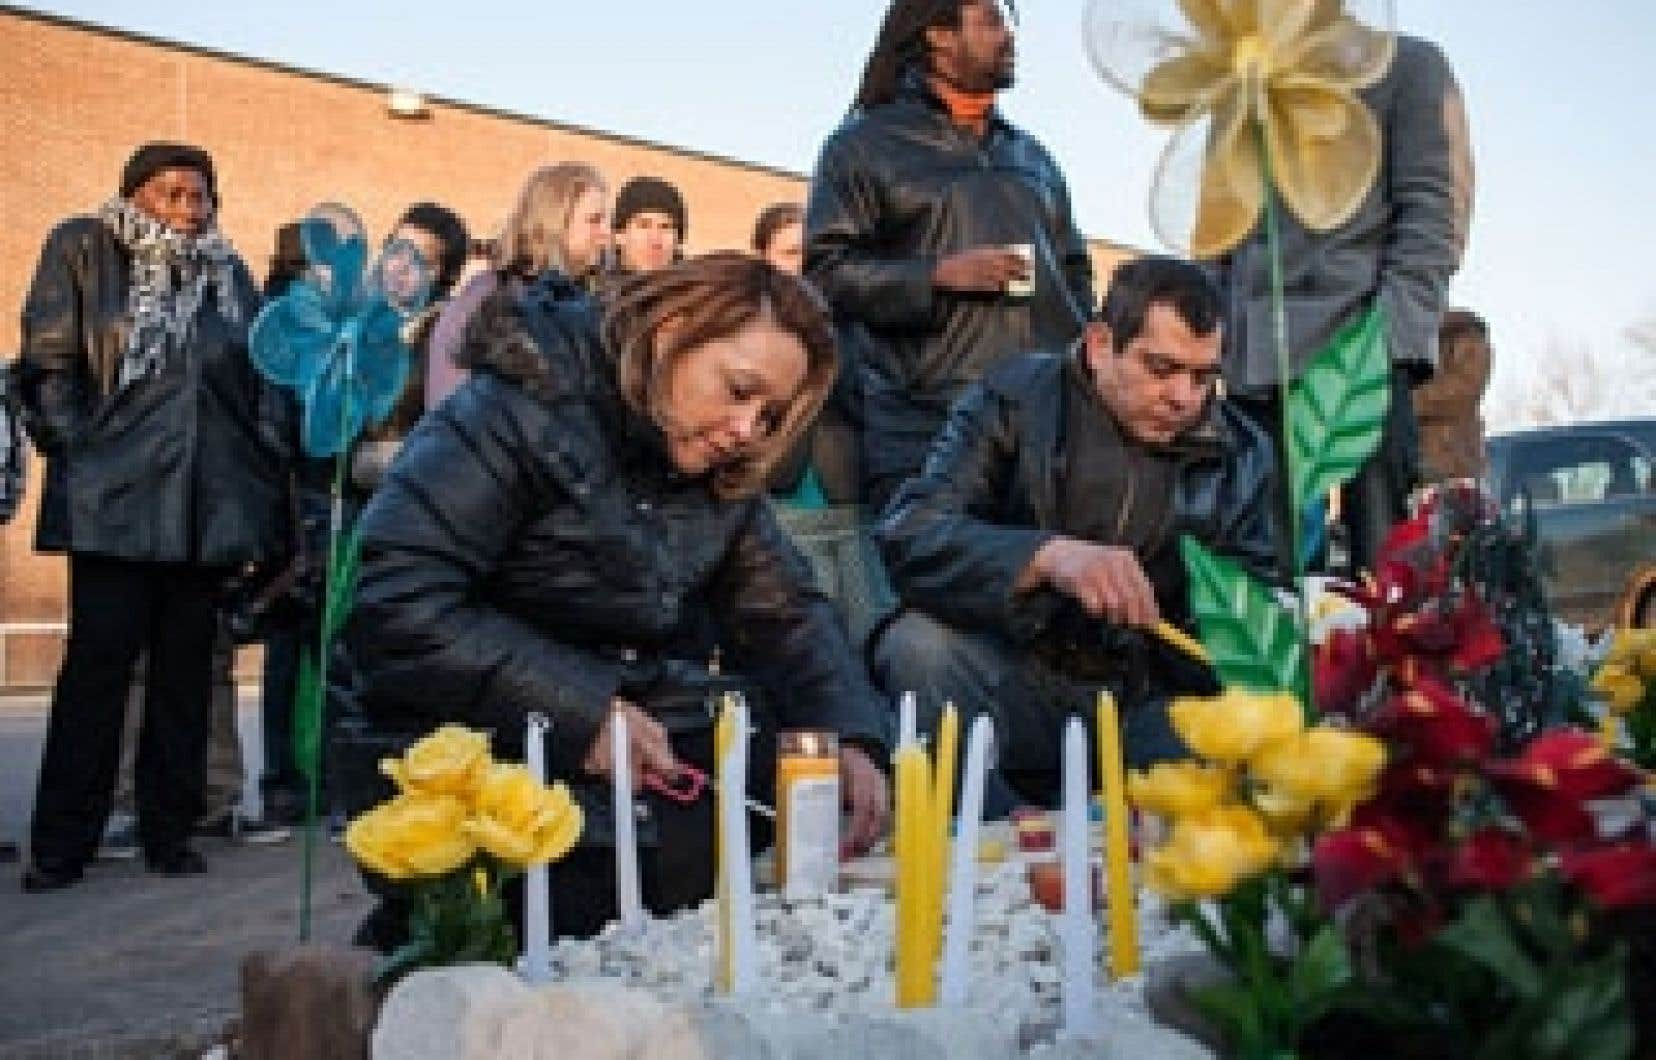 Les parents de Freddy Villanueva, Gilberto Villanueva et Lilian Madrid Antunes, allument une bougie au pied du mémorial, le 6 avril 2013, pour célébrer l'anniversaire de naissance de leur fils. Il aurait eu 23 ans.